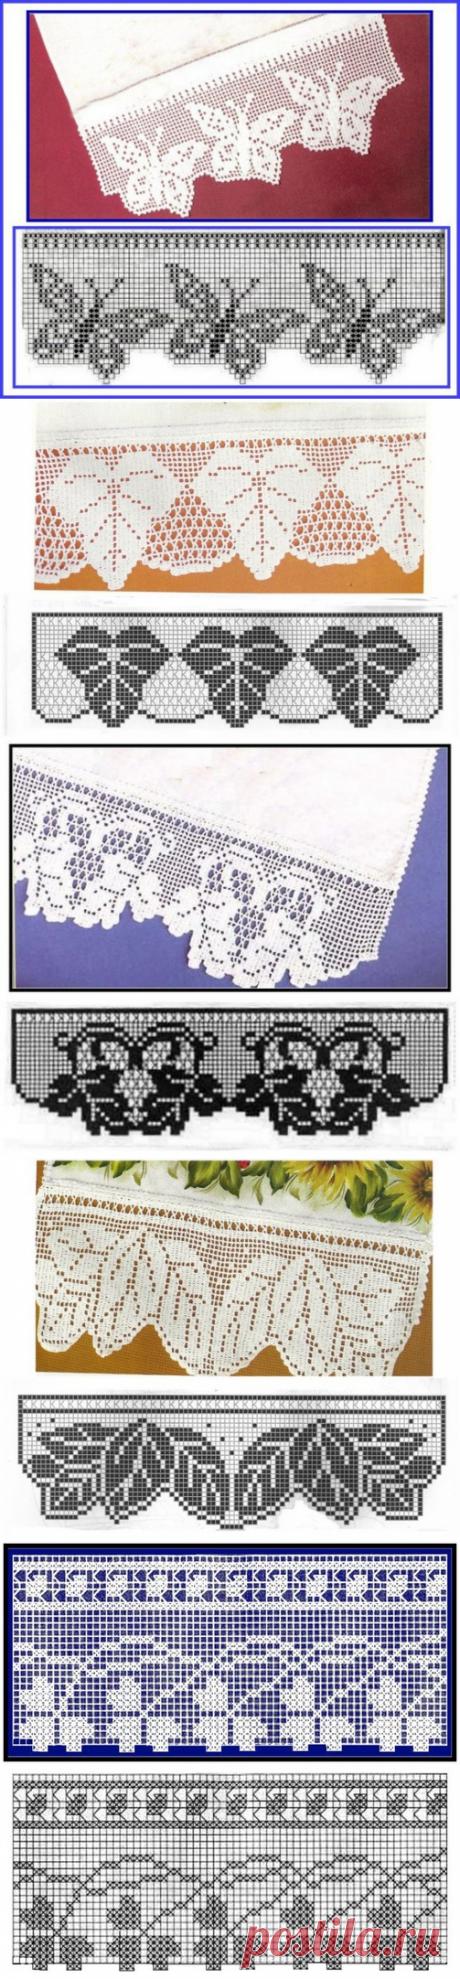 Кайма крючком. Филейное вязание. Очень красиво + схемы | razpetelka.ru